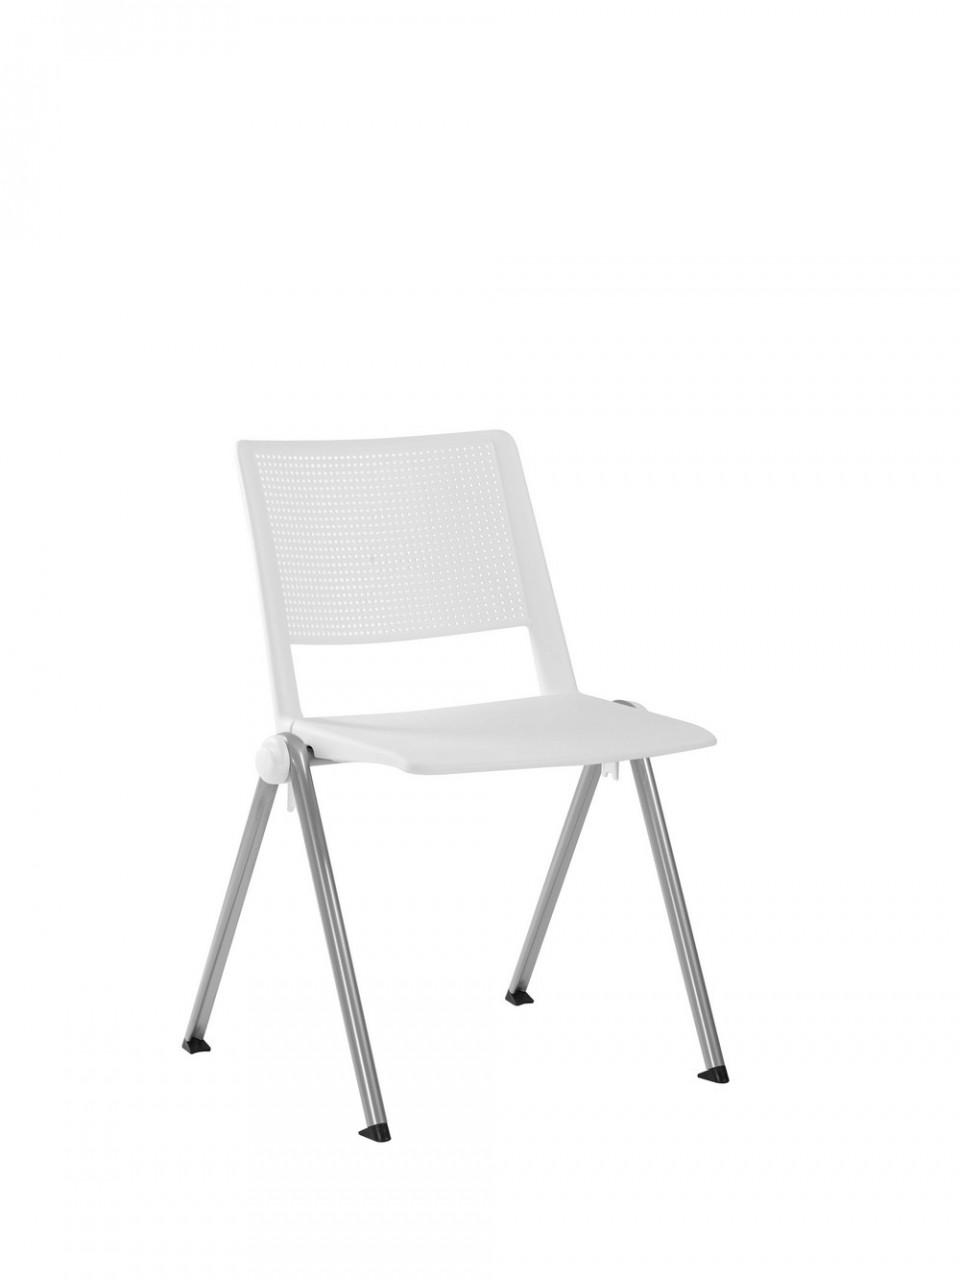 chaise de collectivit line achat chaise de collectivit 58 00. Black Bedroom Furniture Sets. Home Design Ideas